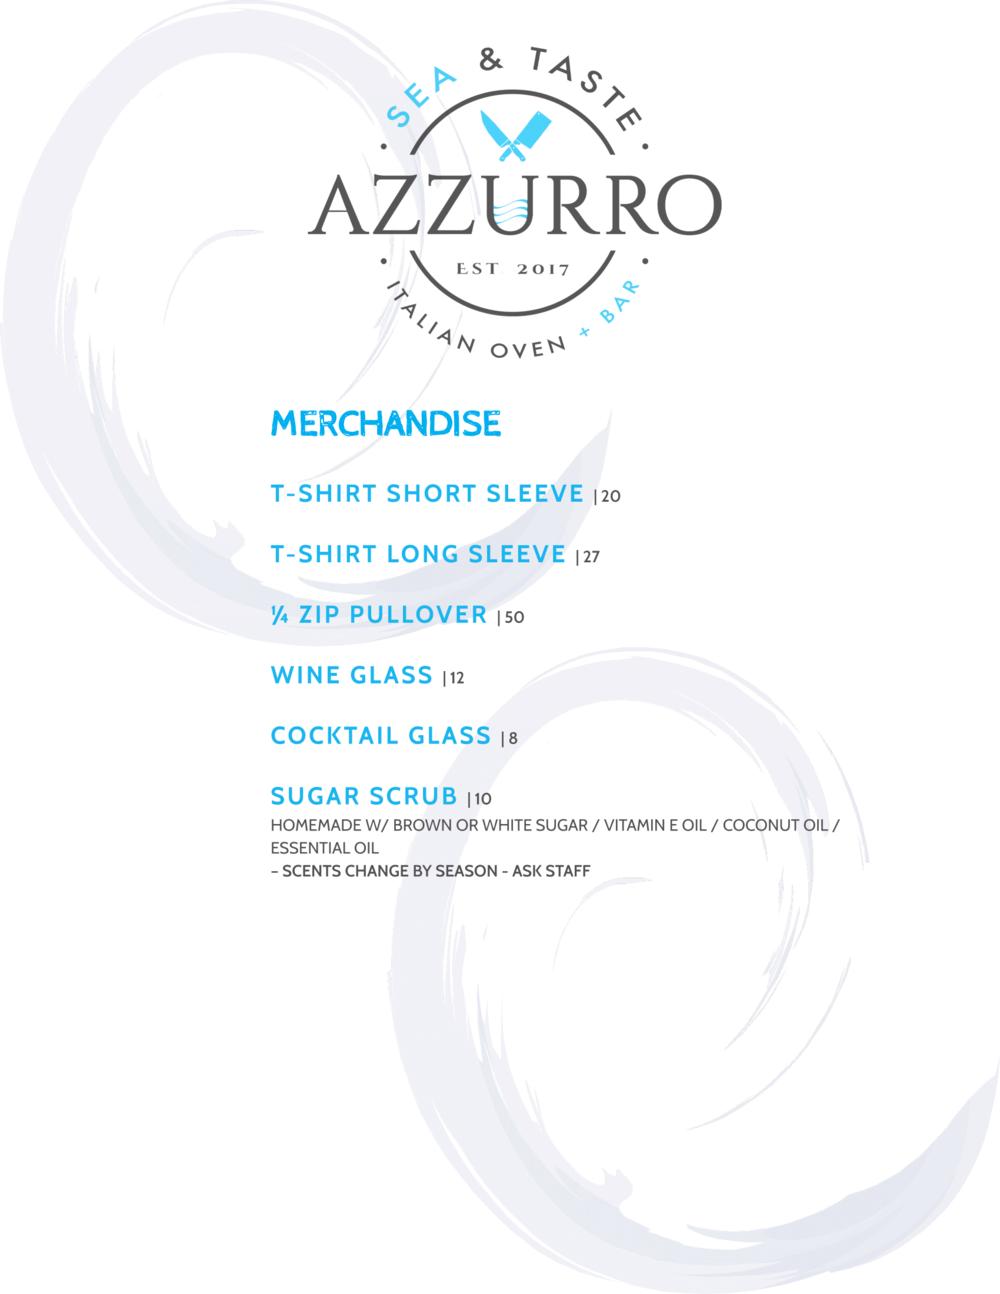 Azzurro DESSERT Menu & Merchdse-2.png